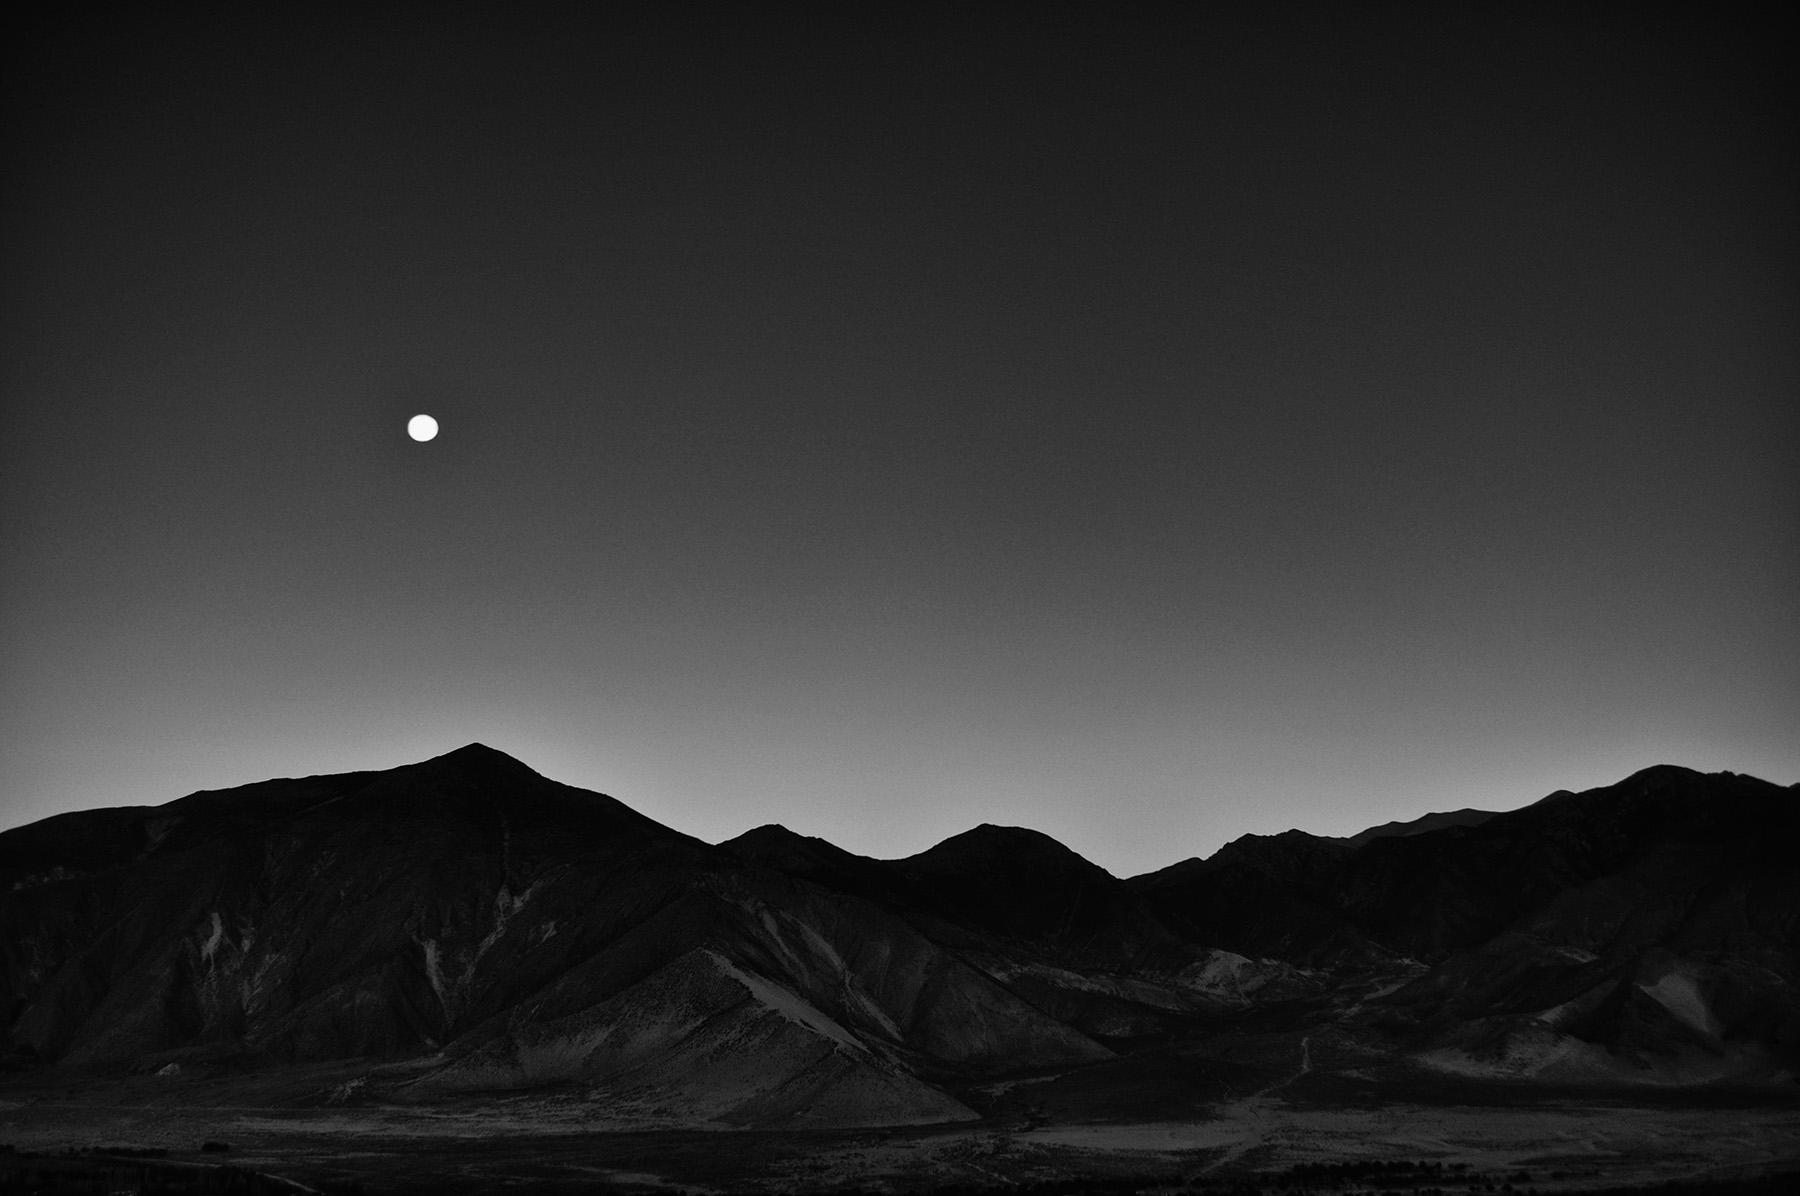 full-moon-over-samye-tibet.jpg